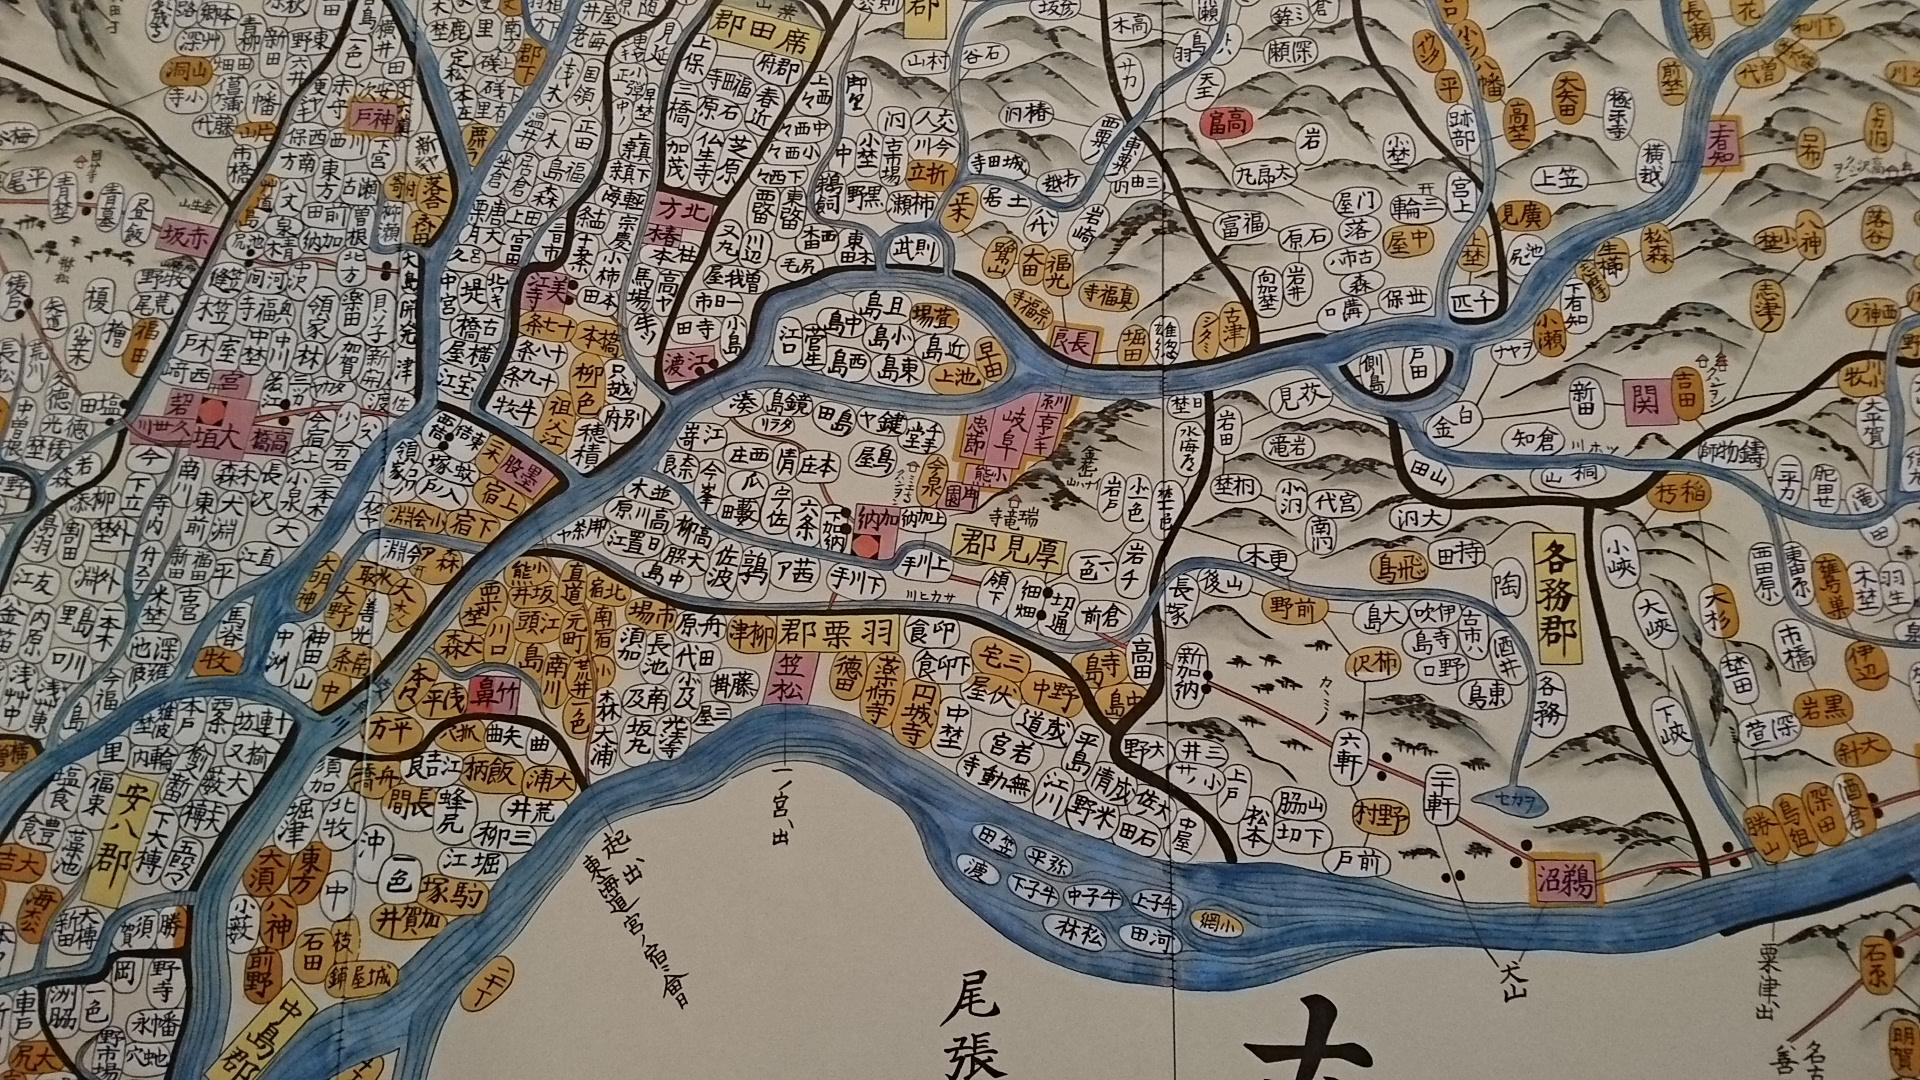 2018.5.4 岐阜市歴史博物館 (2) 美濃のくにえず - 岐阜のへん 1920-1080